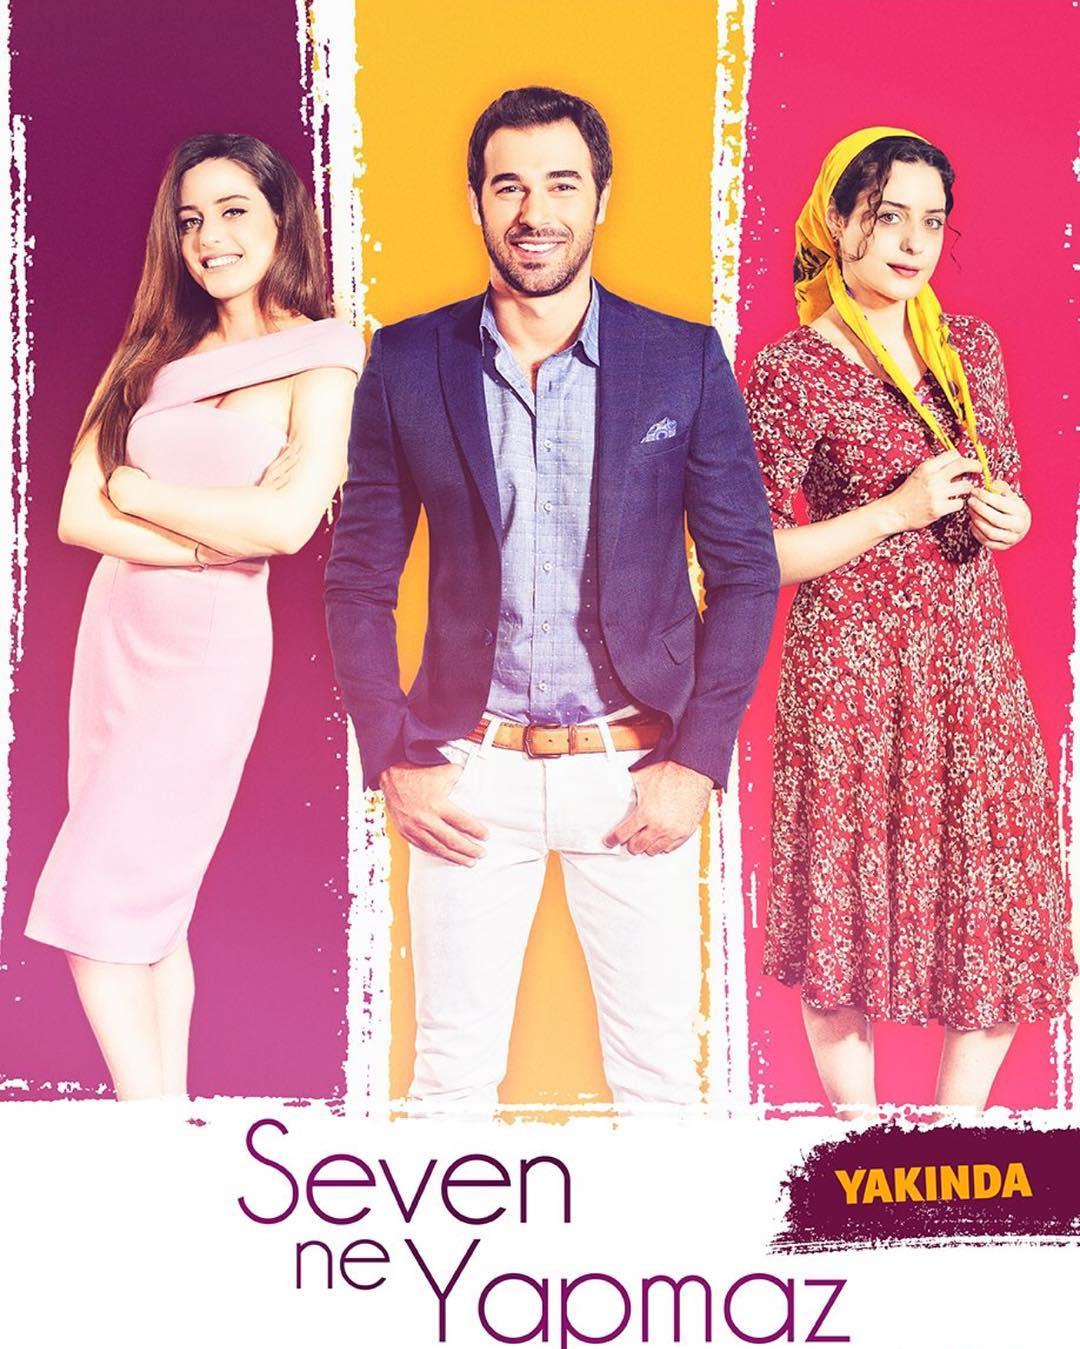 Seven Ne Yapmaz مسلسل العاشق يفعل المستحيل التركي مترجم